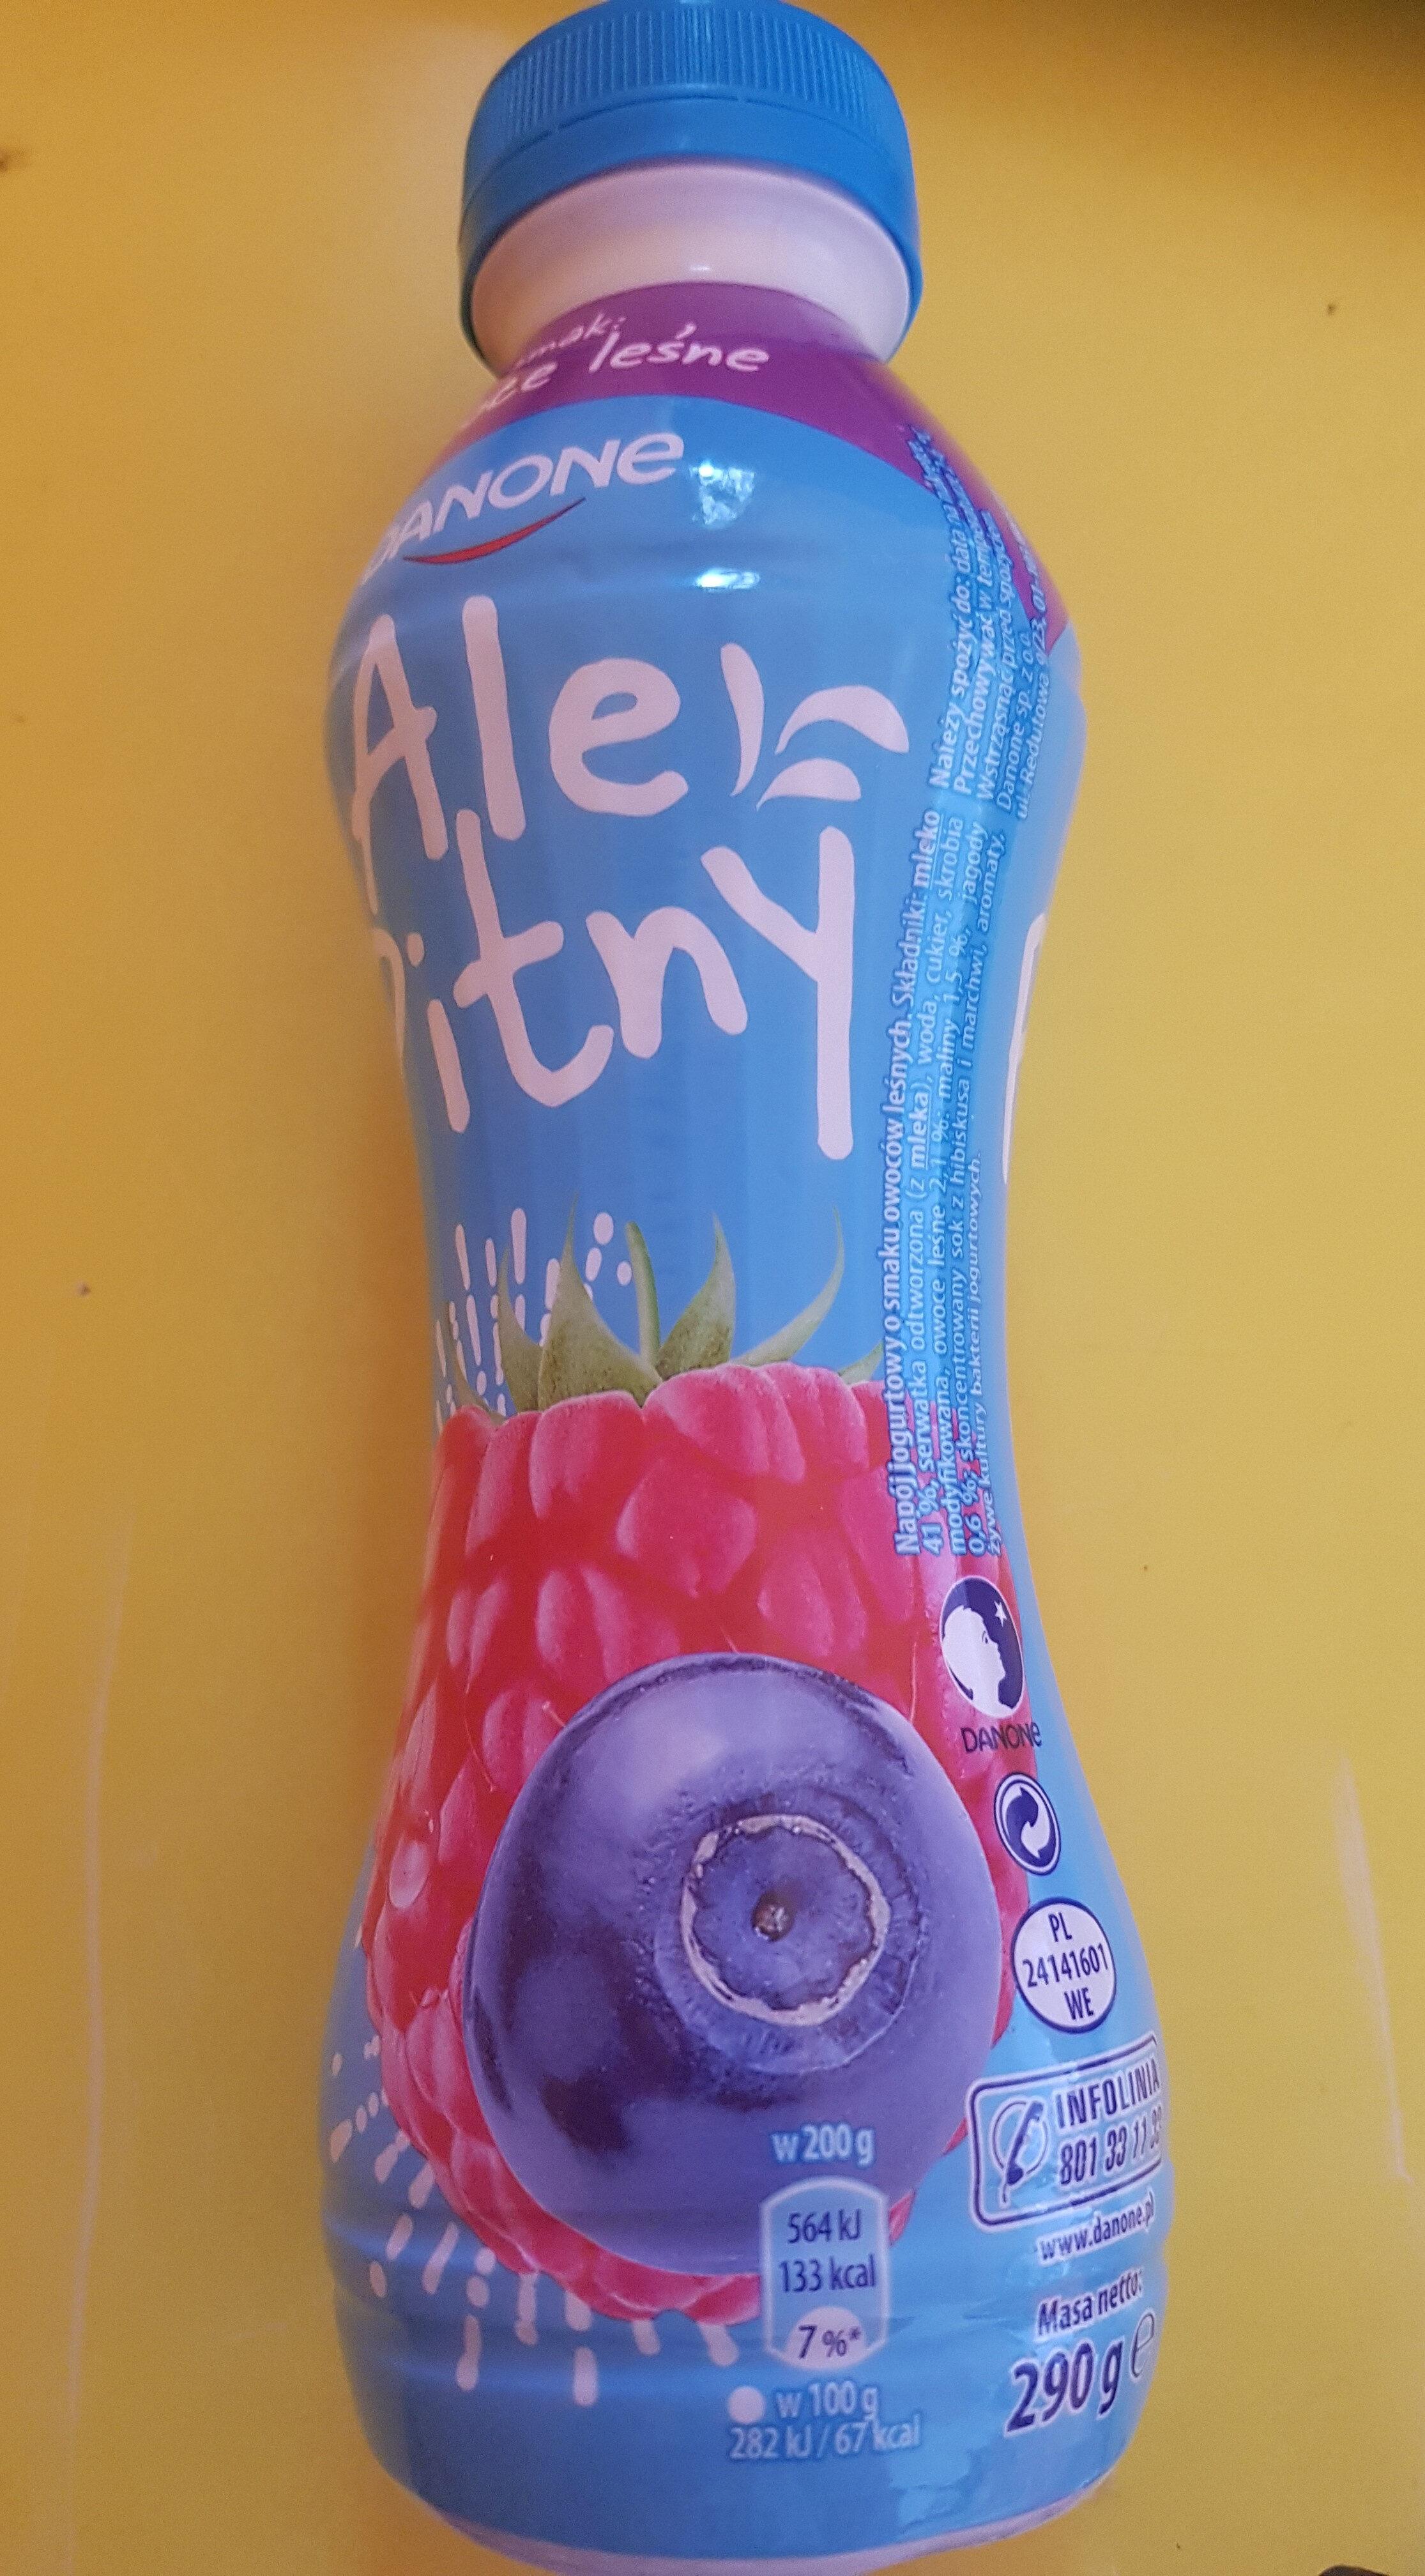 Jogurt Ale Pitny owoce leśne - Produkt - pl